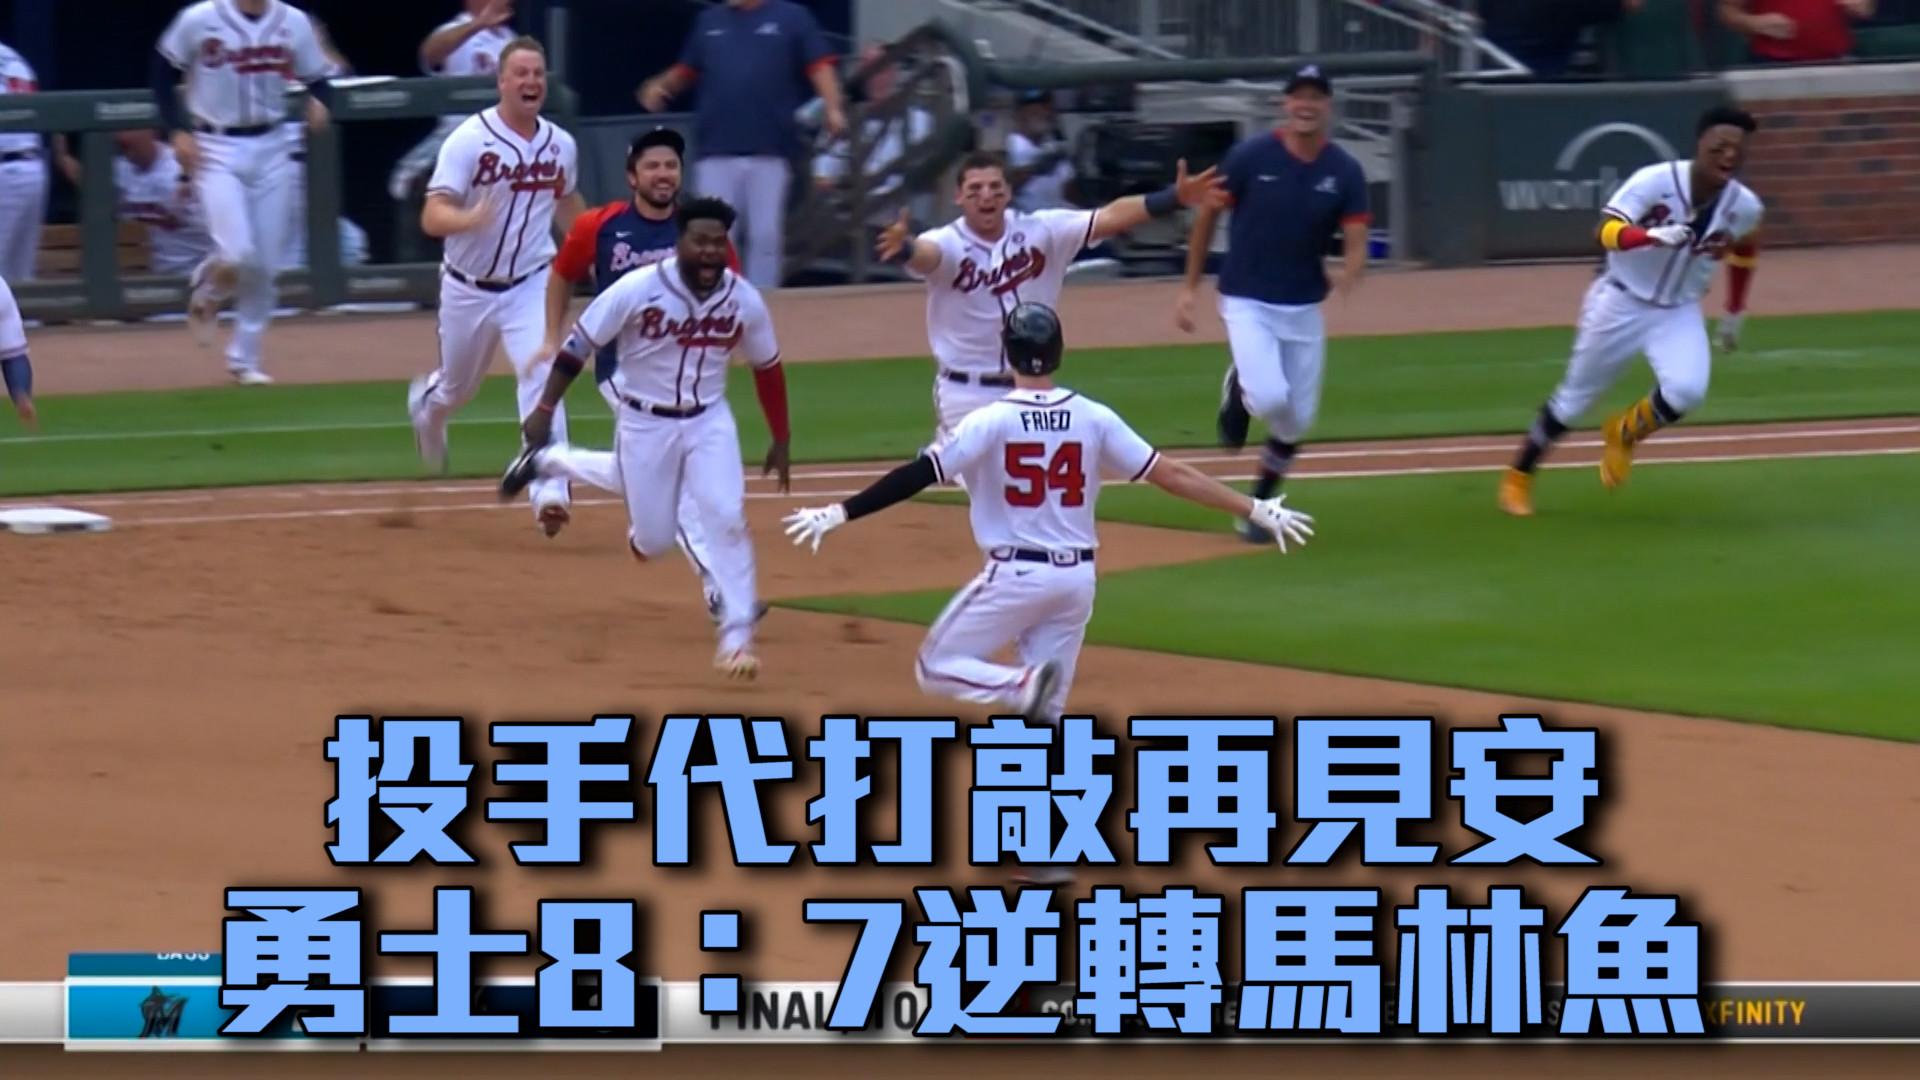 【MLB看愛爾達】投手代打敲再見安 勇士8:7逆轉馬林魚 07/05